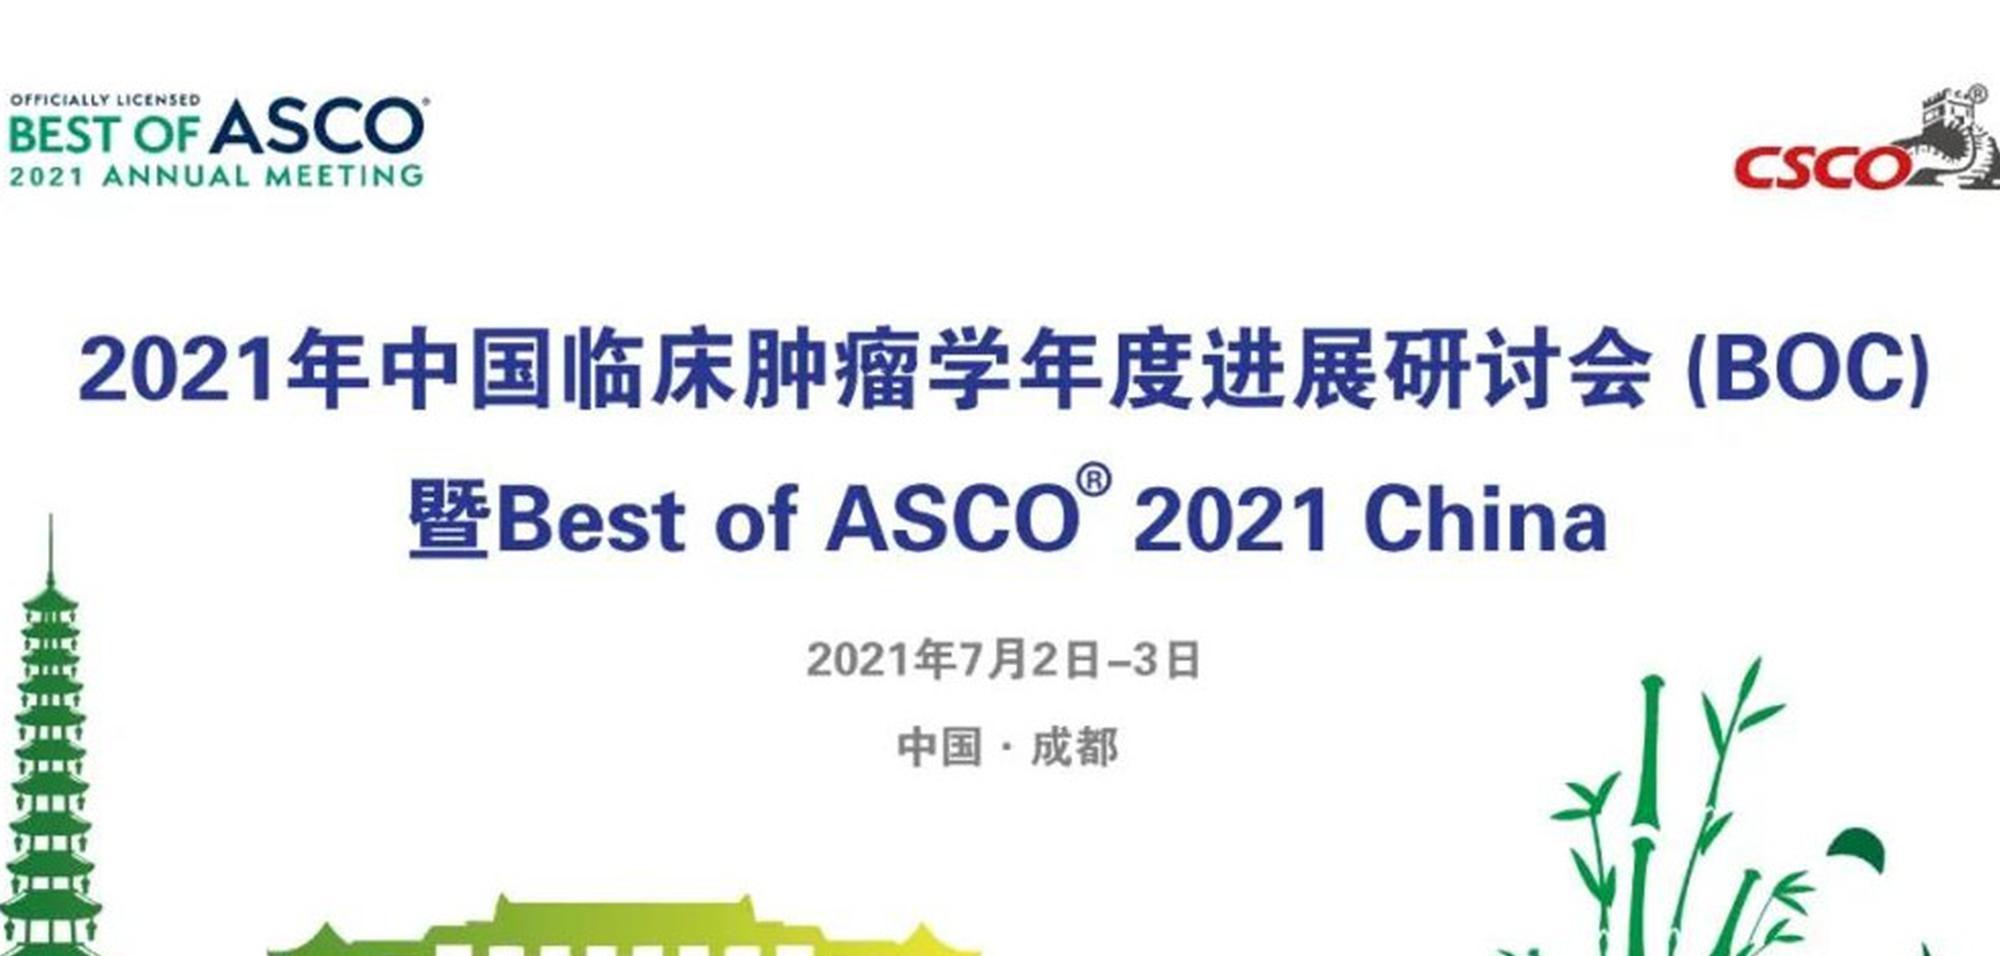 开放注册丨BOC/BOA 2021 China会议